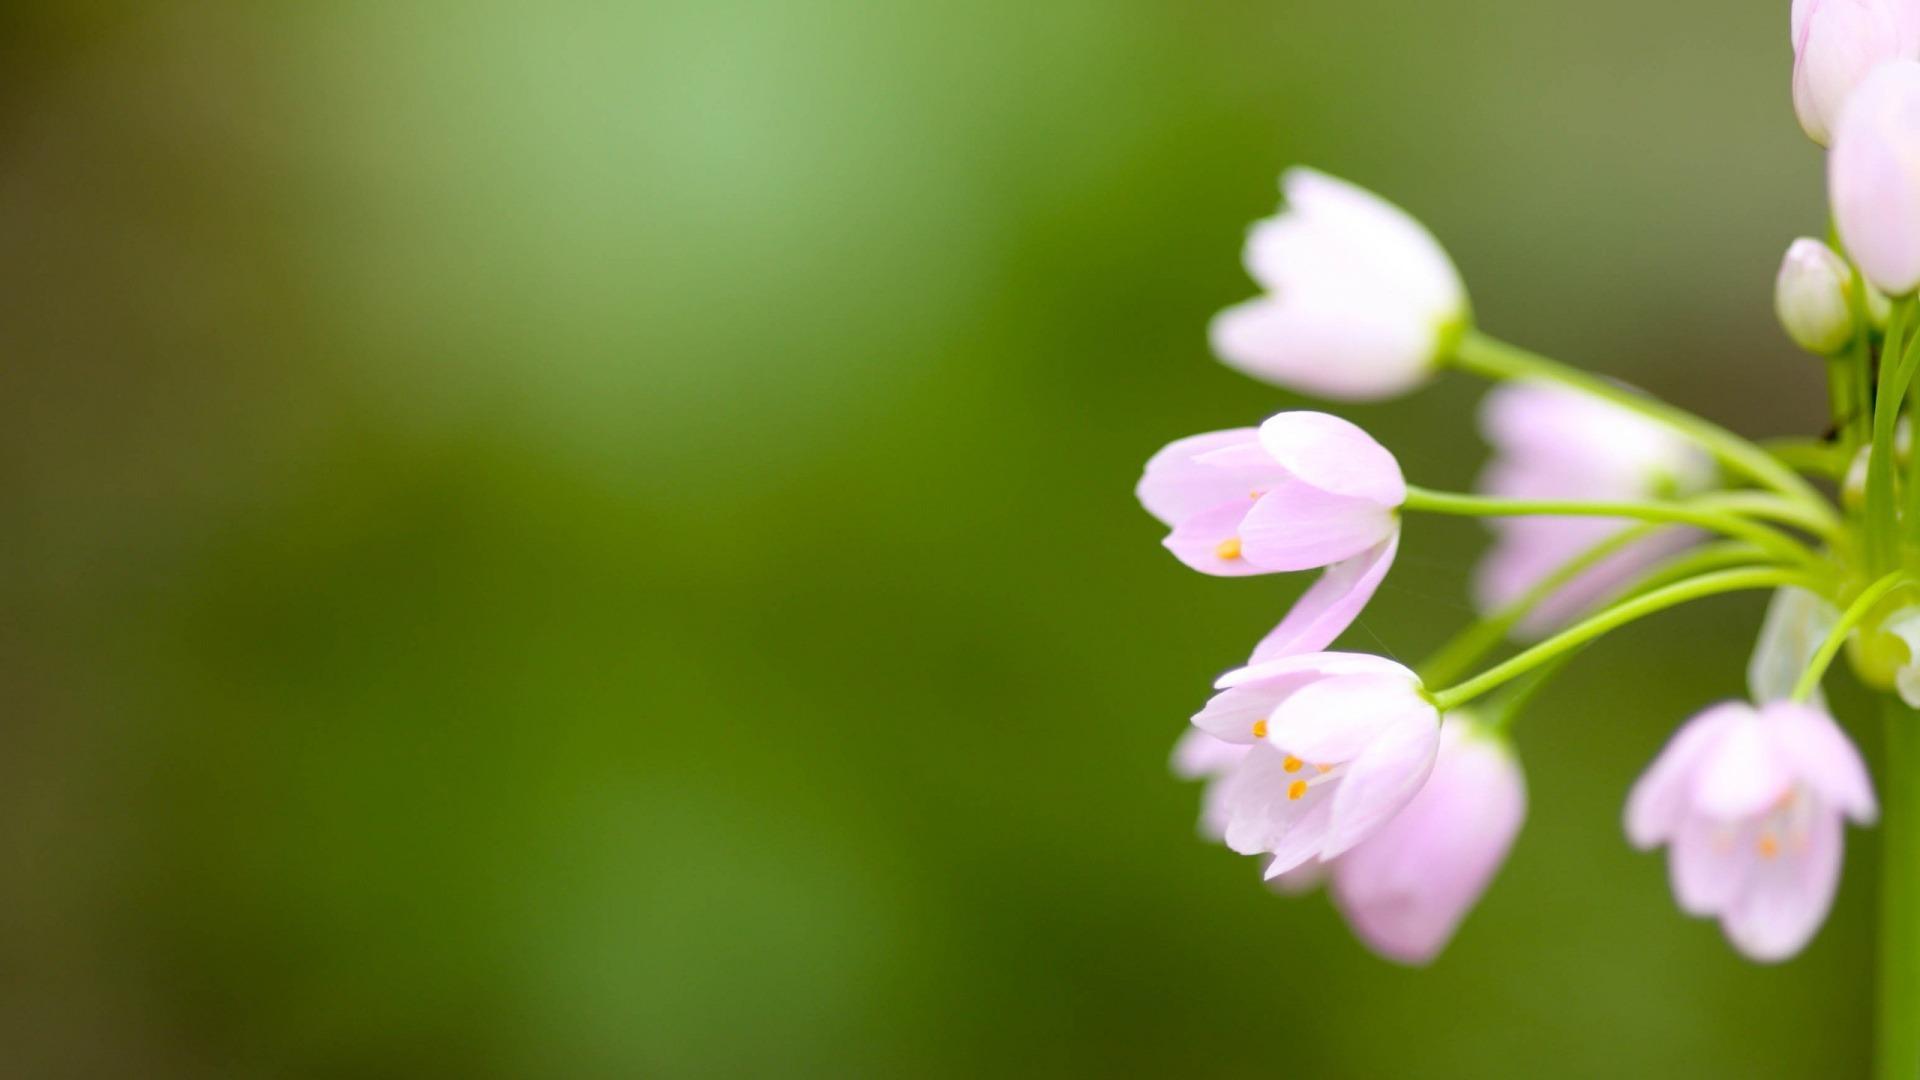 [HOT] Tải hình ảnh hoa đẹp làm hình nền máy tính ấn tượng nhất